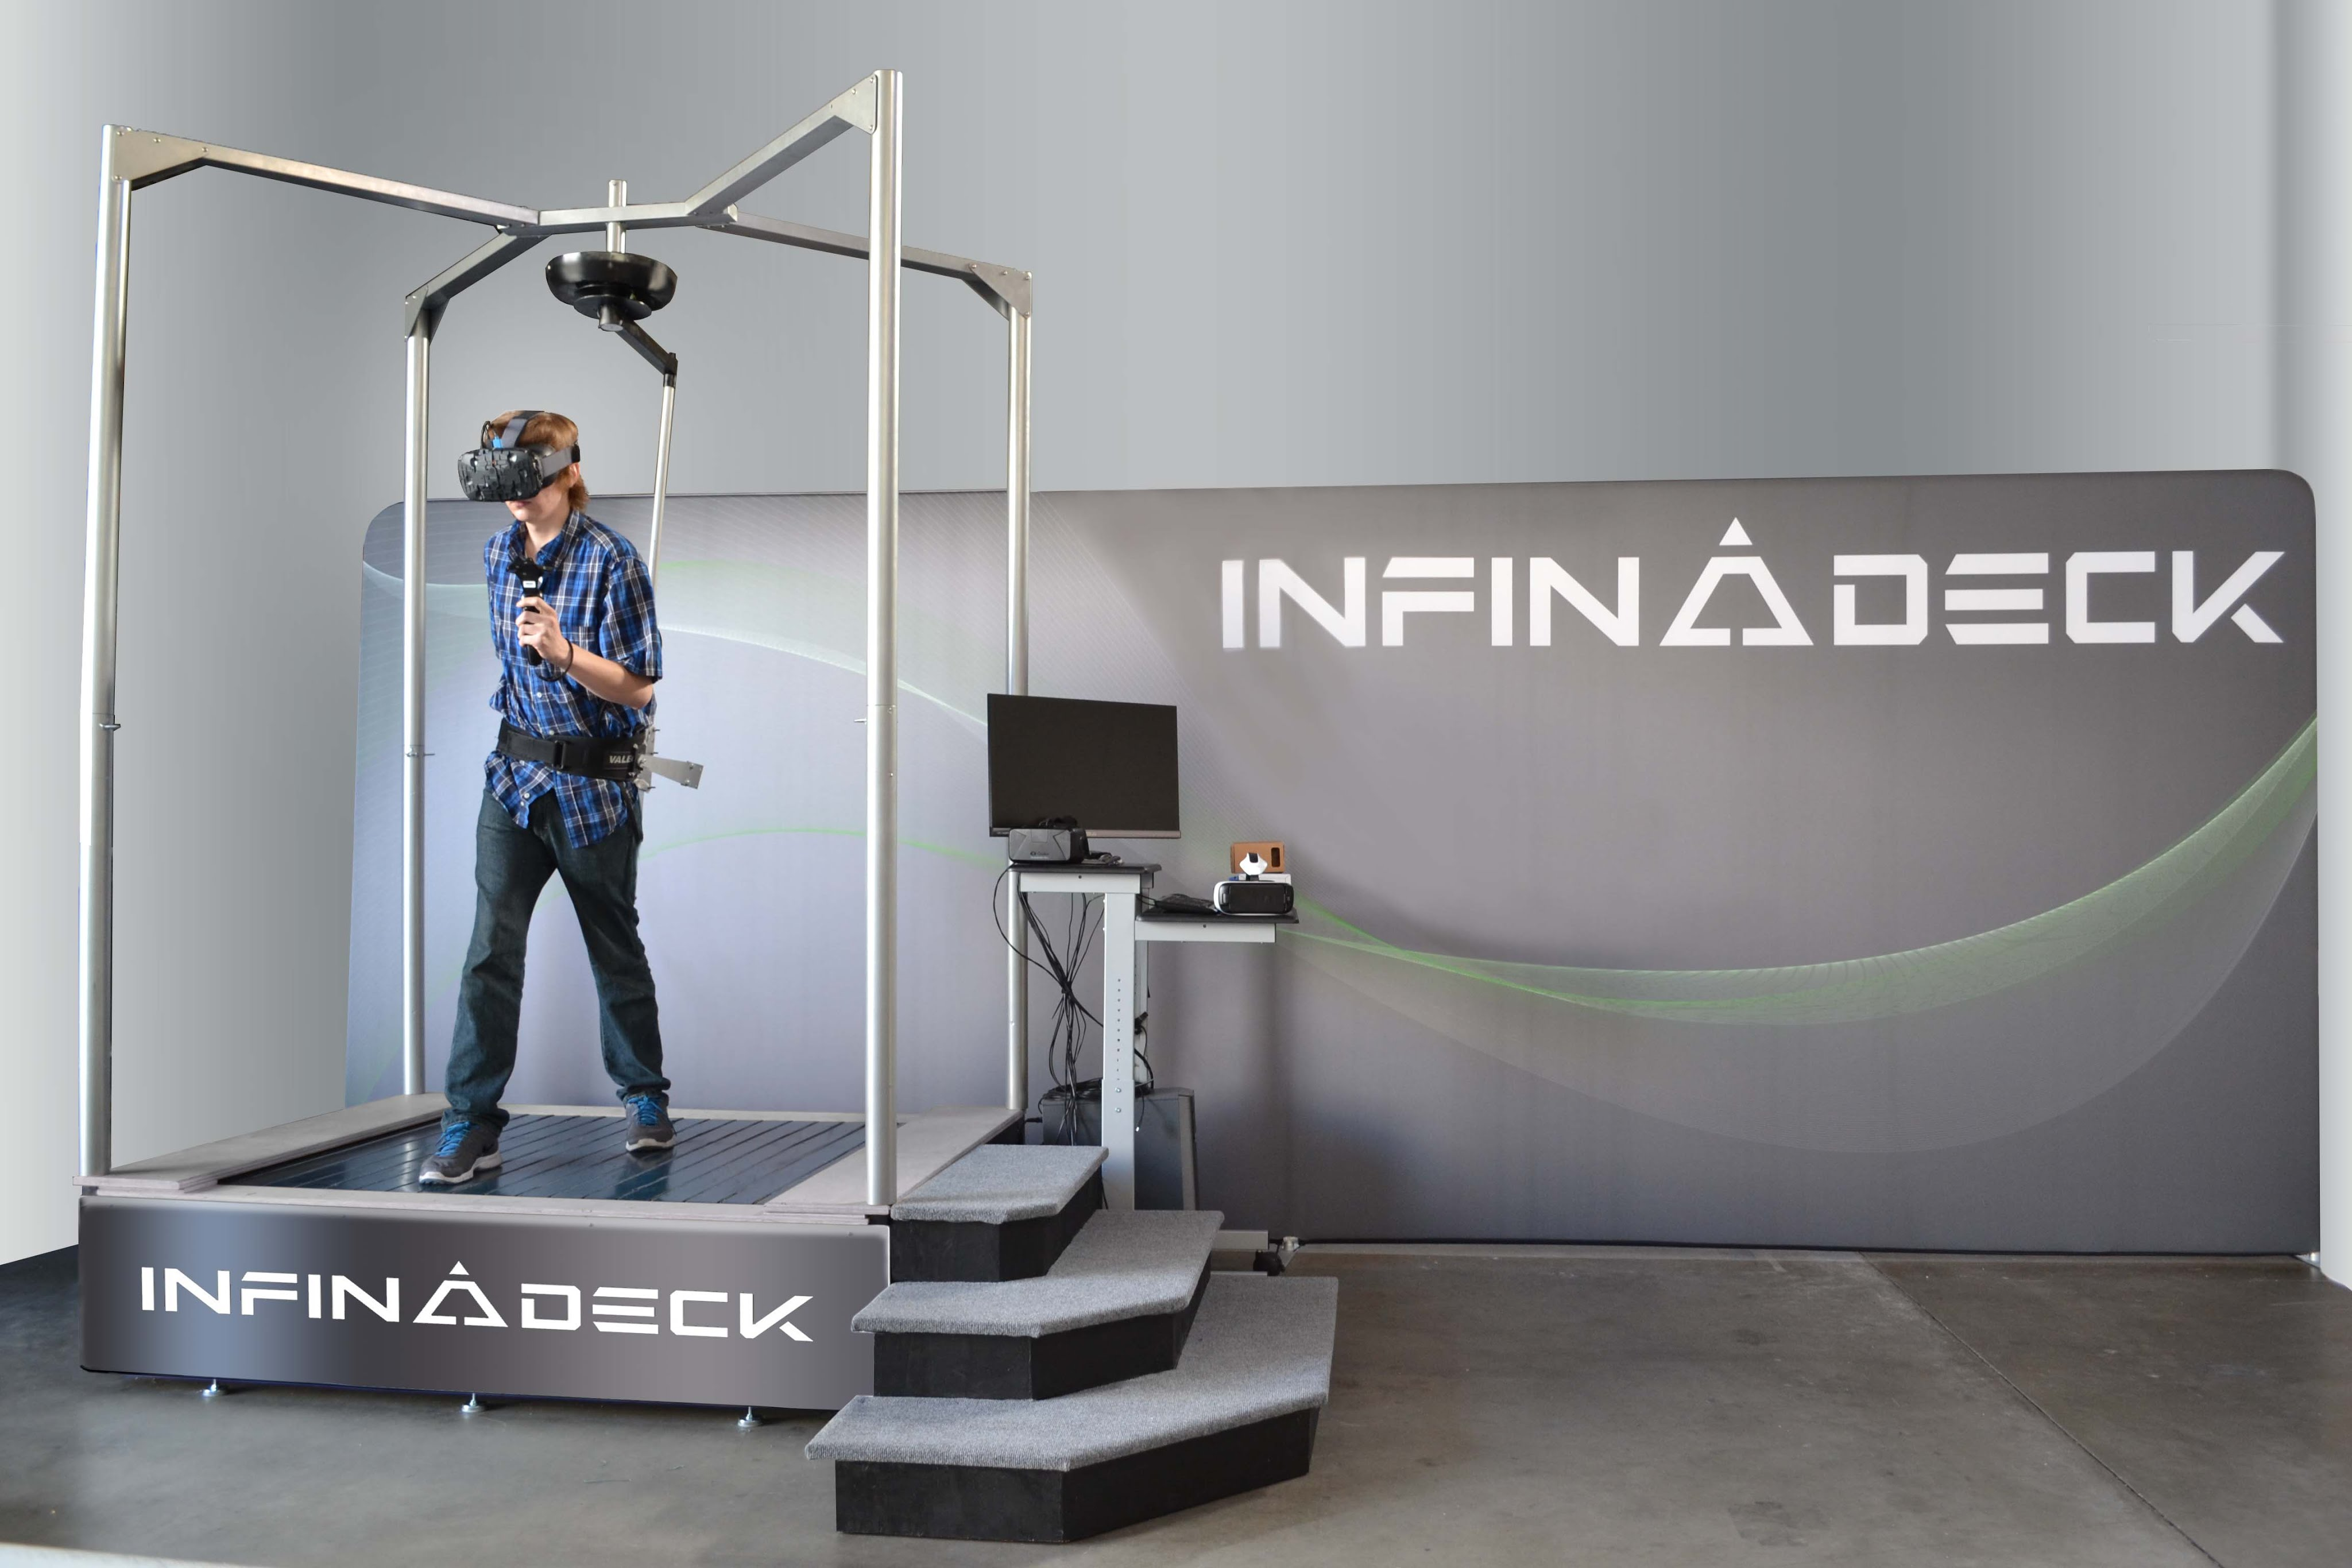 Infinadeck